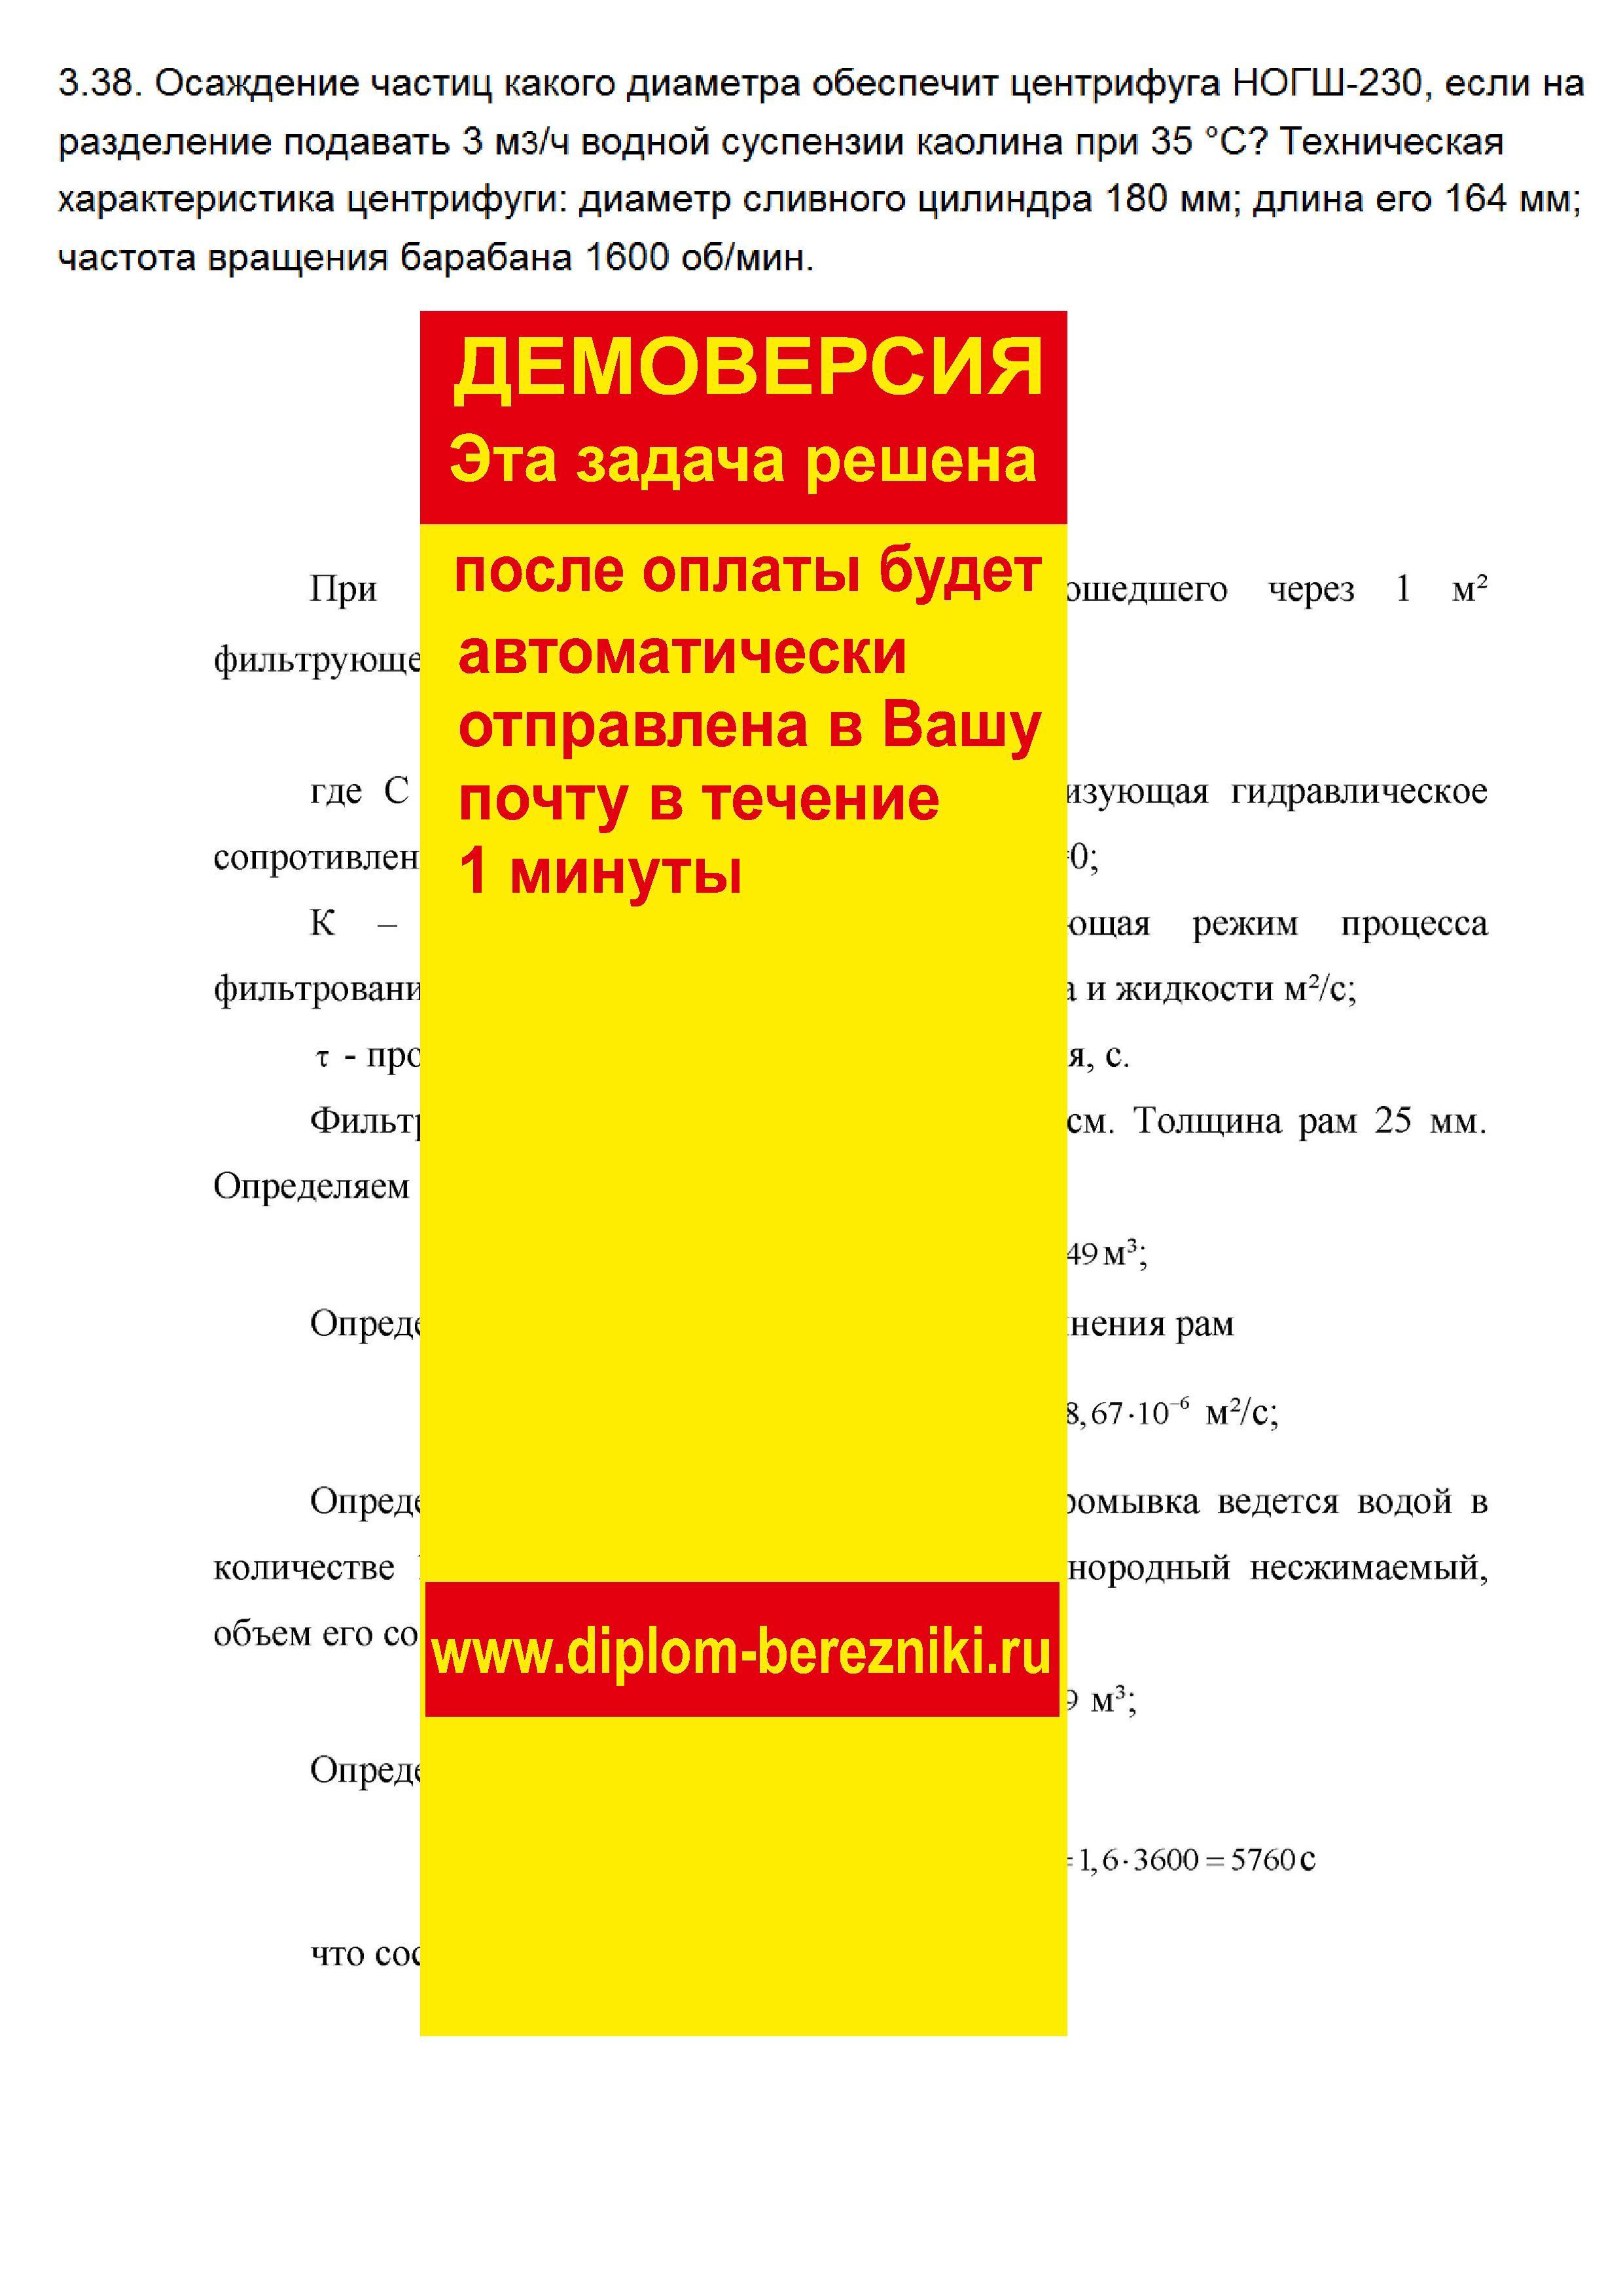 Решение задачи 3.38 по ПАХТ из задачника Павлова Романкова Носкова